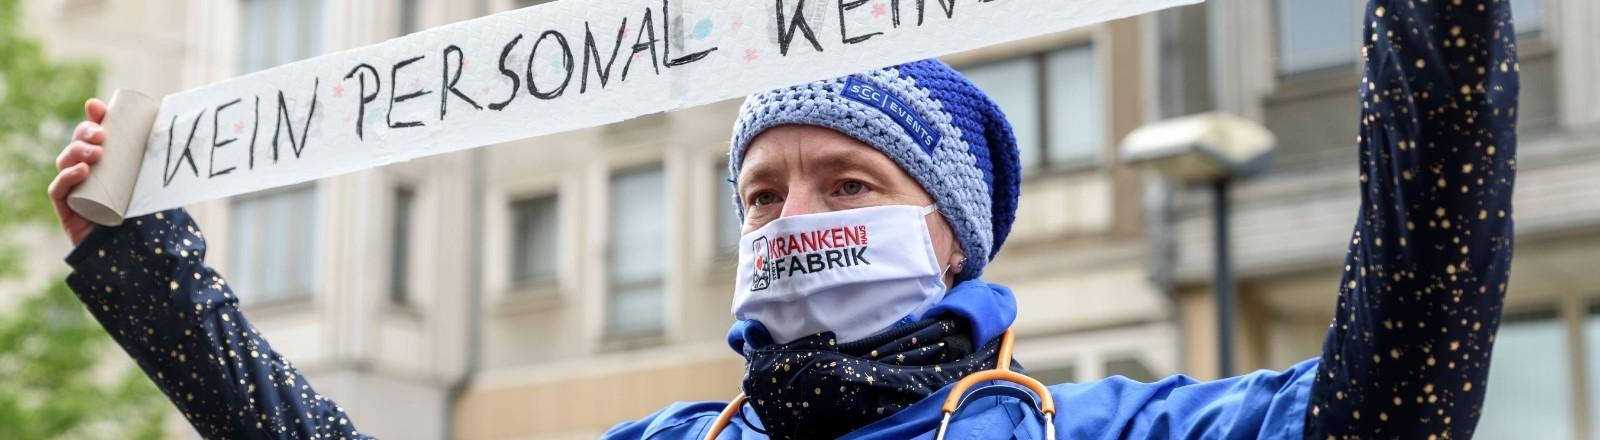 12.05.2020: Zum Tag der Pflege protestiert das Aktionsbündnis Gesundheit ohne Profite unter dem Motto Die Pflege schnappt nach Luft vor dem Bundesministerium für Gesundheit in Berlin.